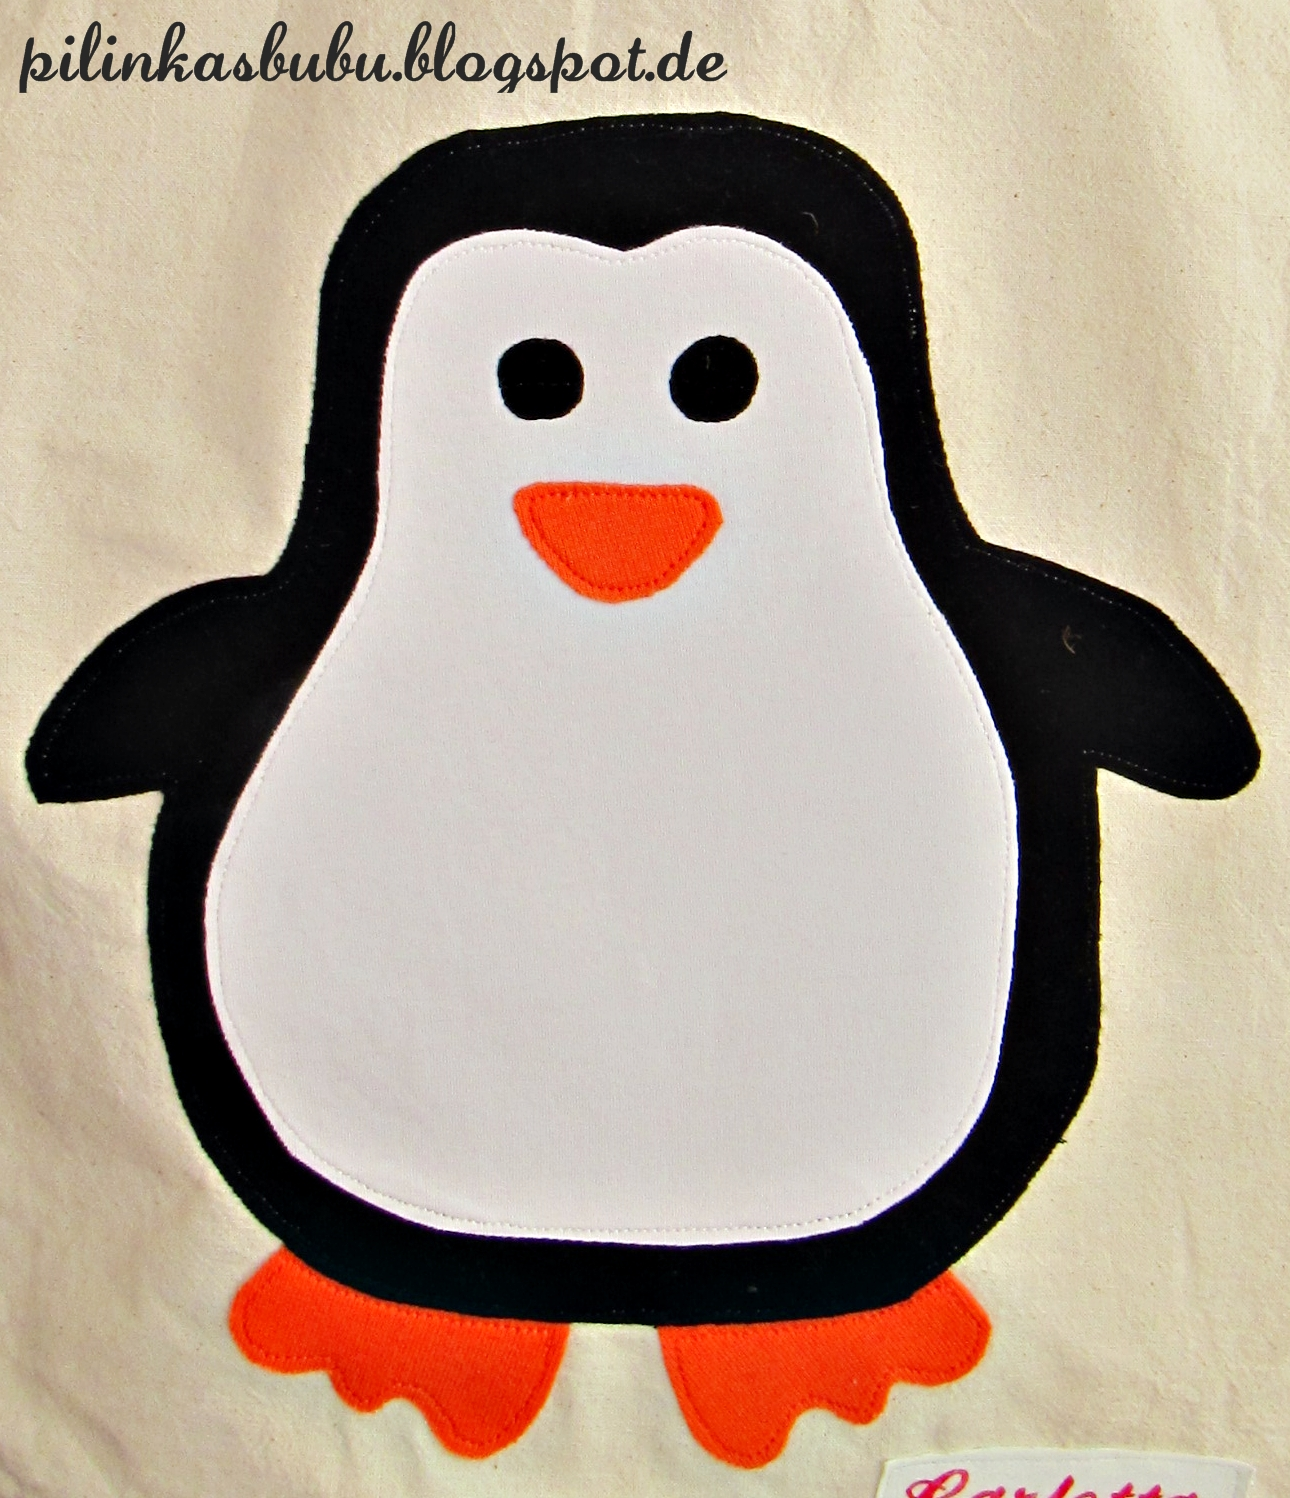 Pinguin basteln vorlage plotterdatei pinguin laterne plotterdatei pinguine und laternen - Pinguin basteln vorlage ...